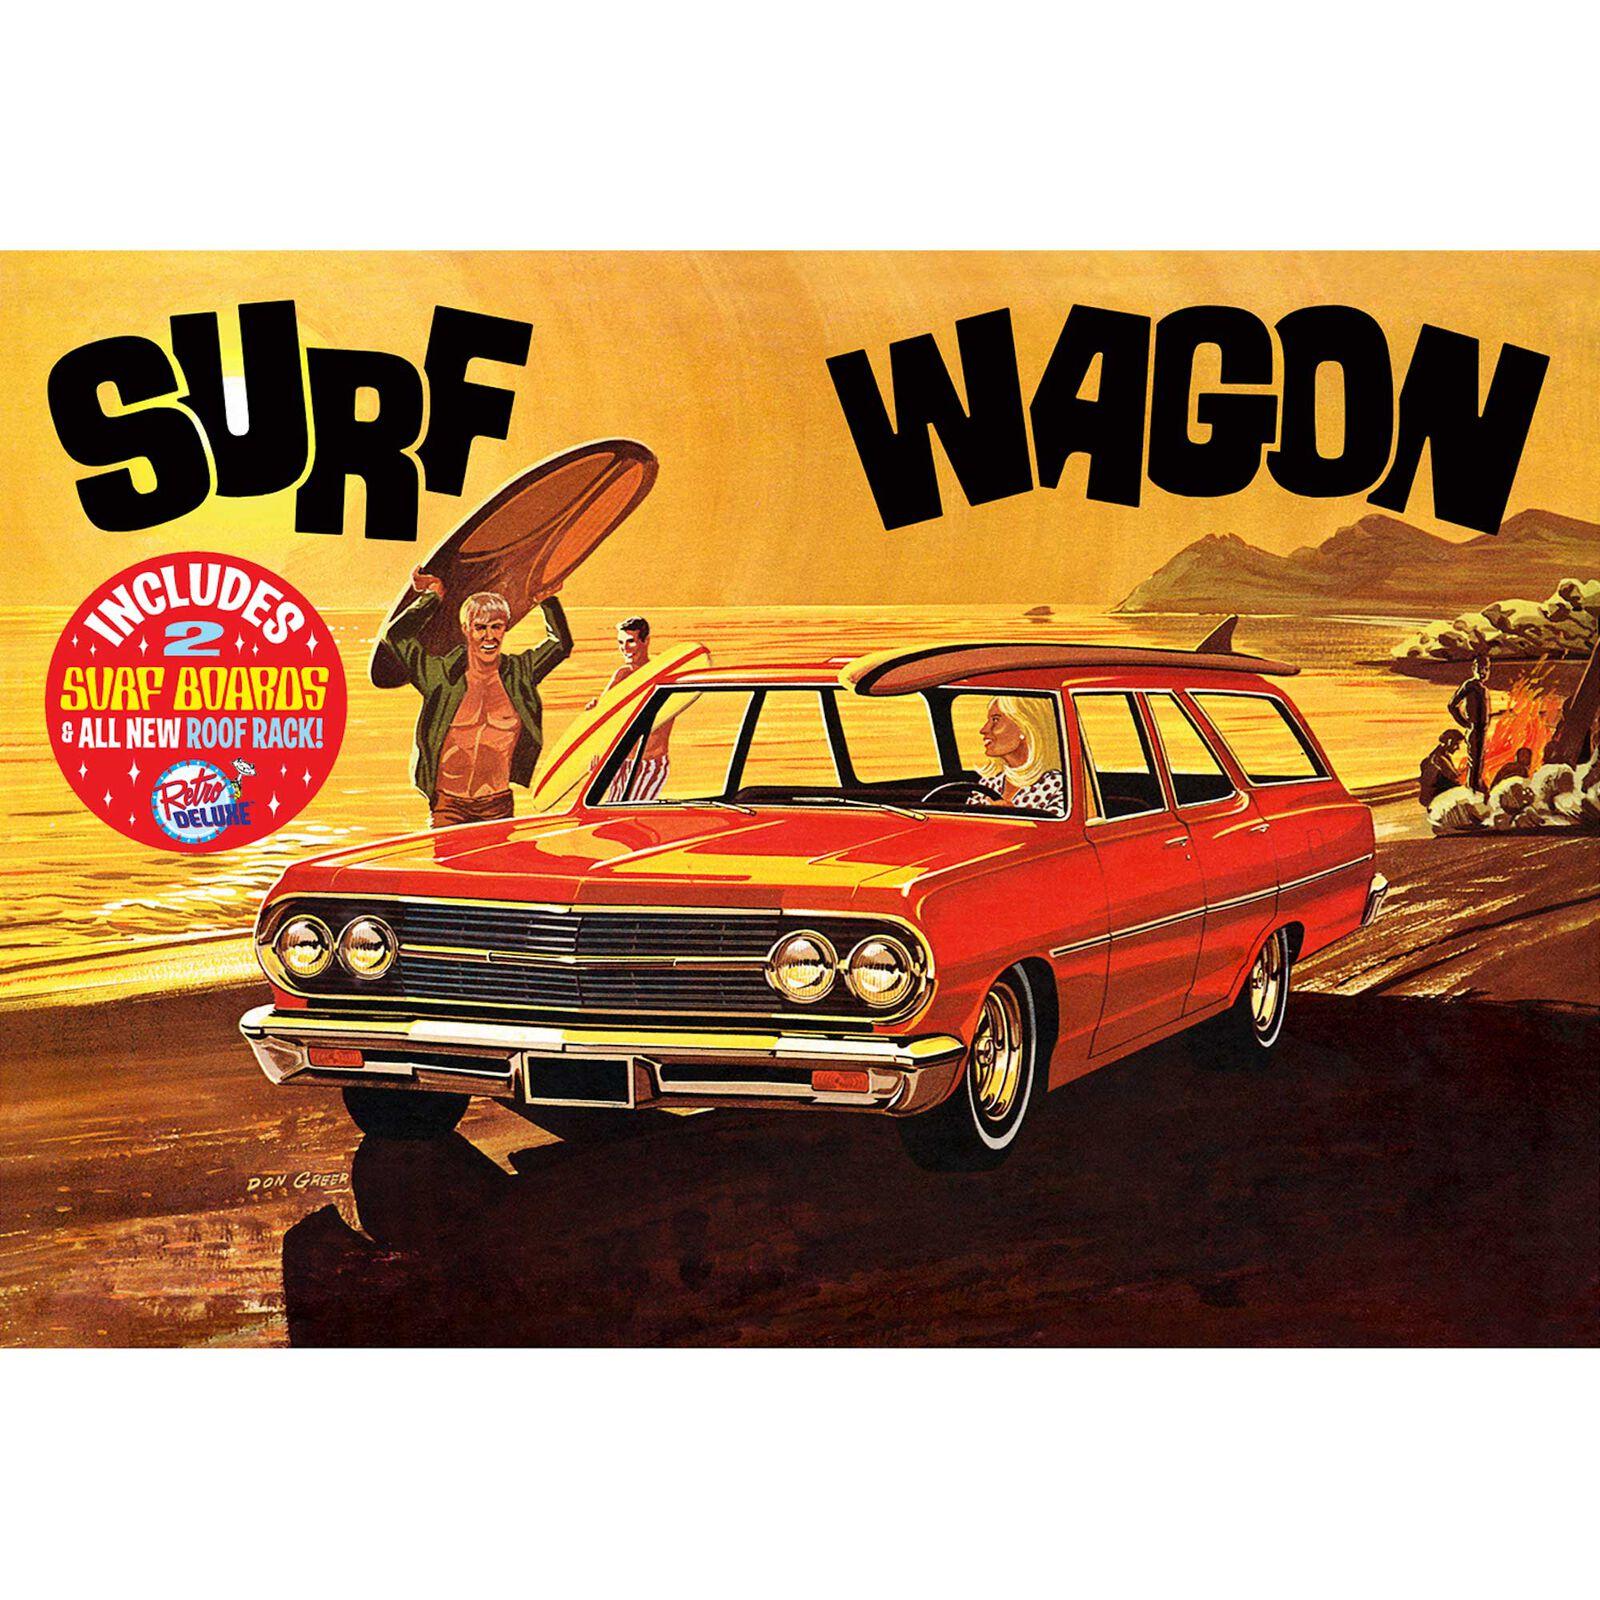 1/25 1965 Chevelle Surf Wagon, Model Kit